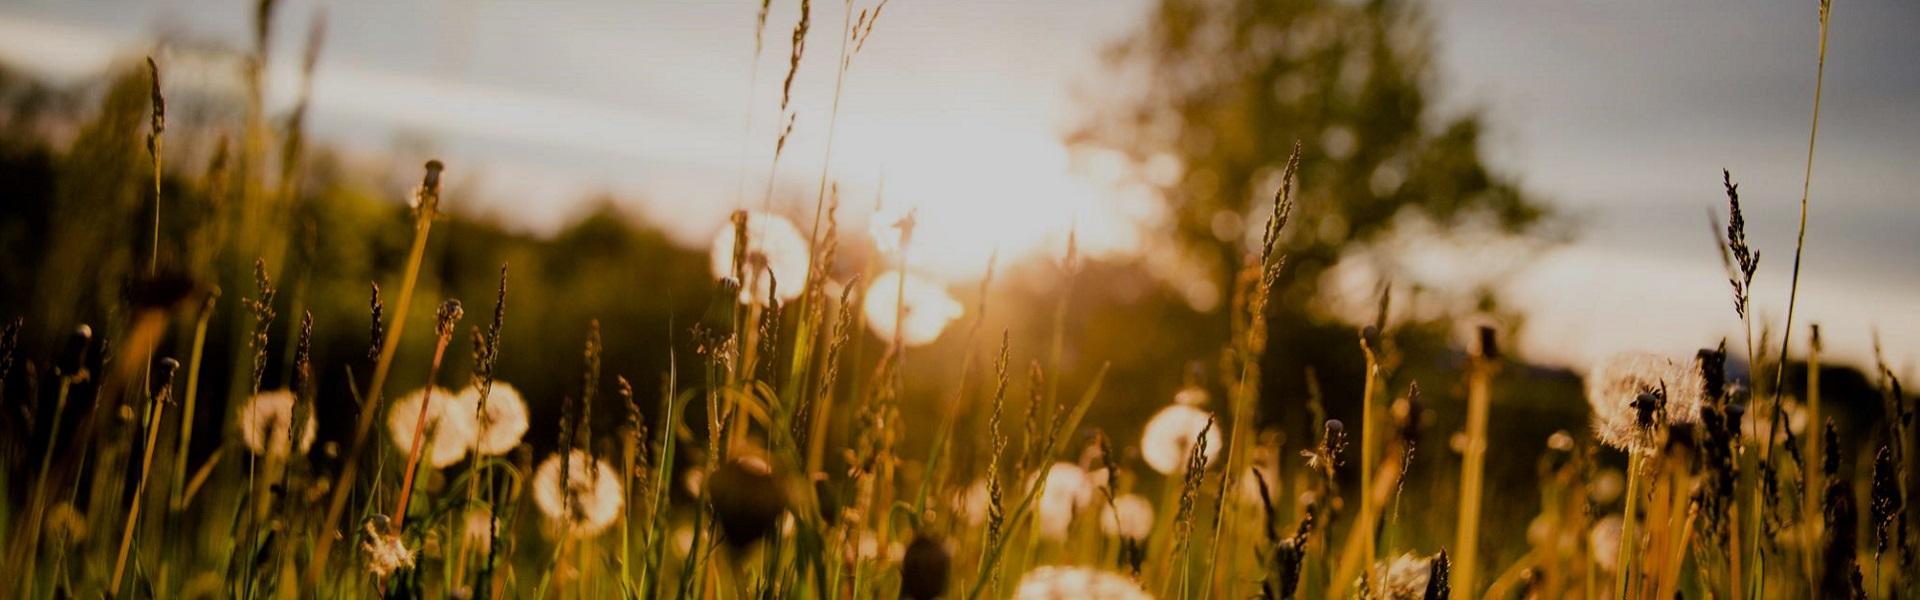 Solnedgång blomäng